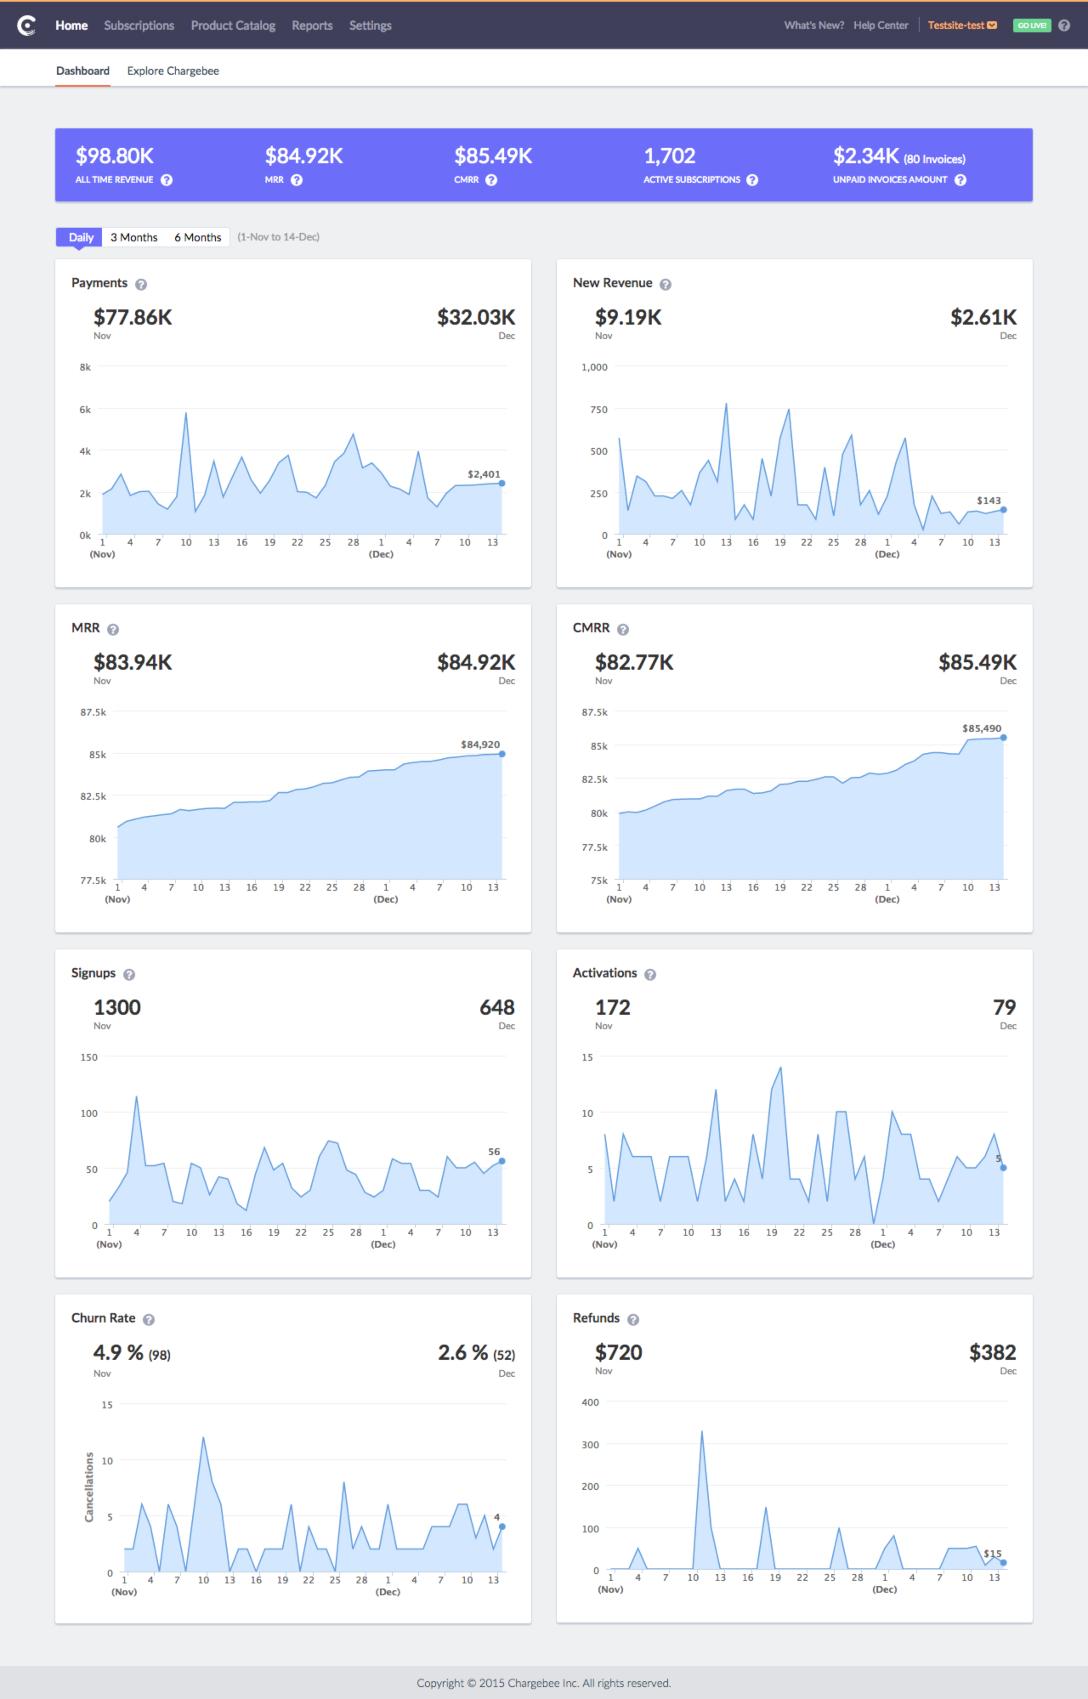 mrr_metrics_dashboard_chargebee